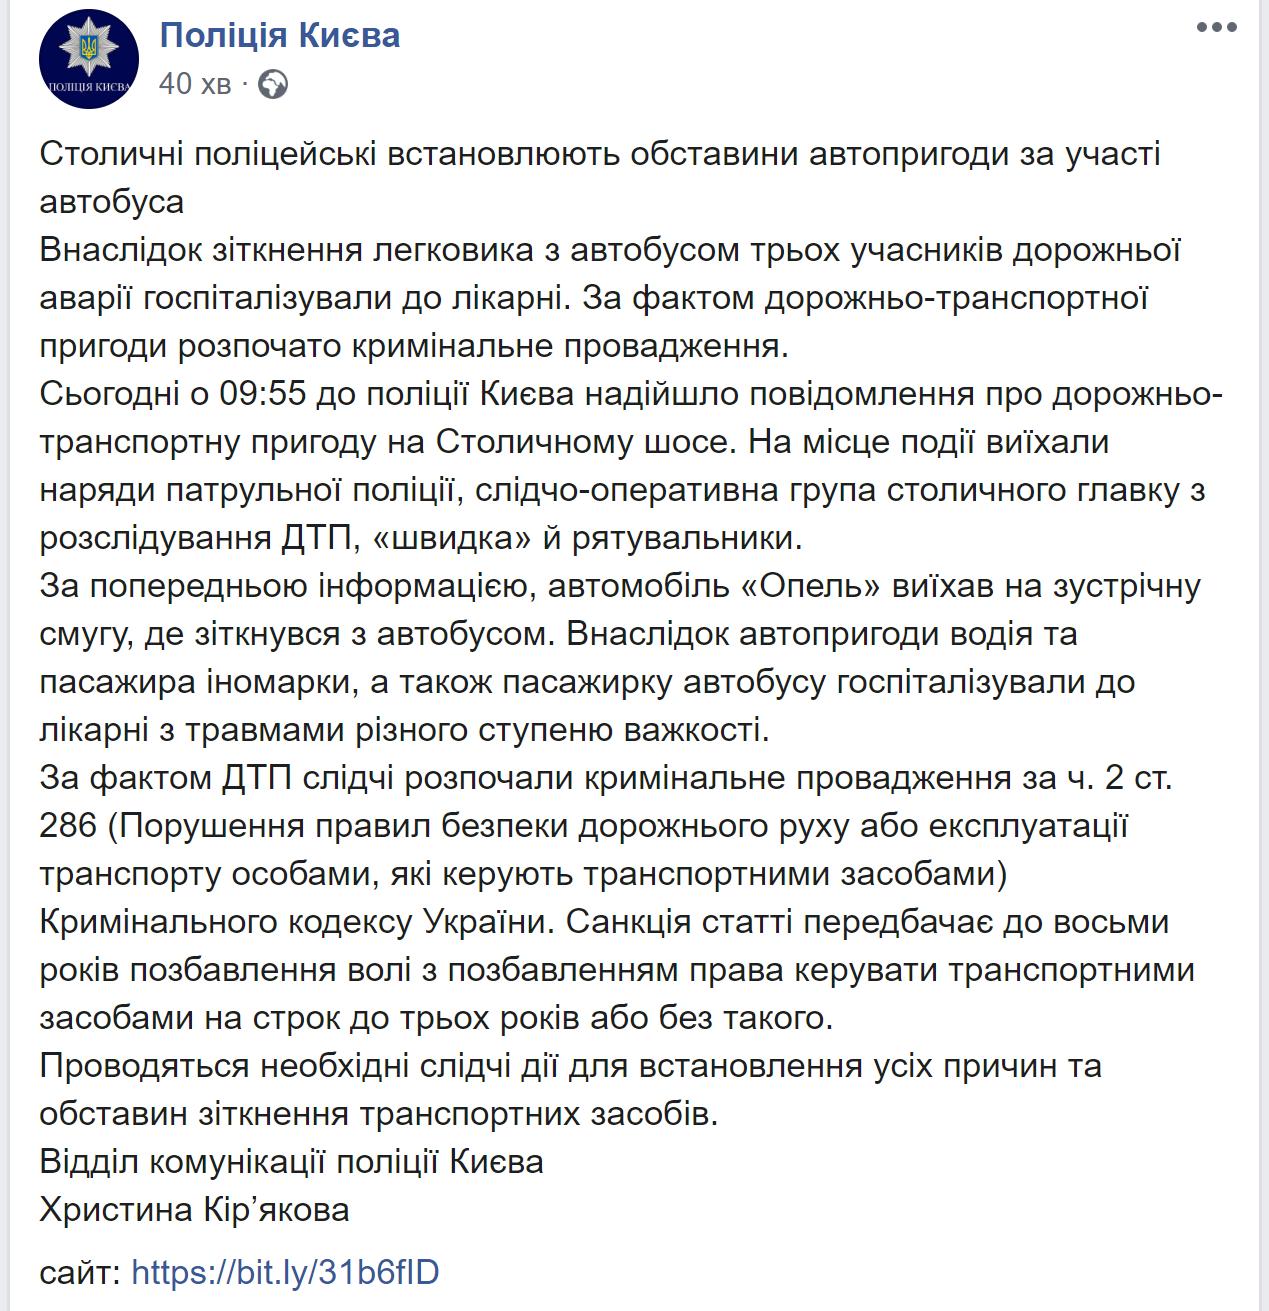 Пост полиции о ДТП в Киеве